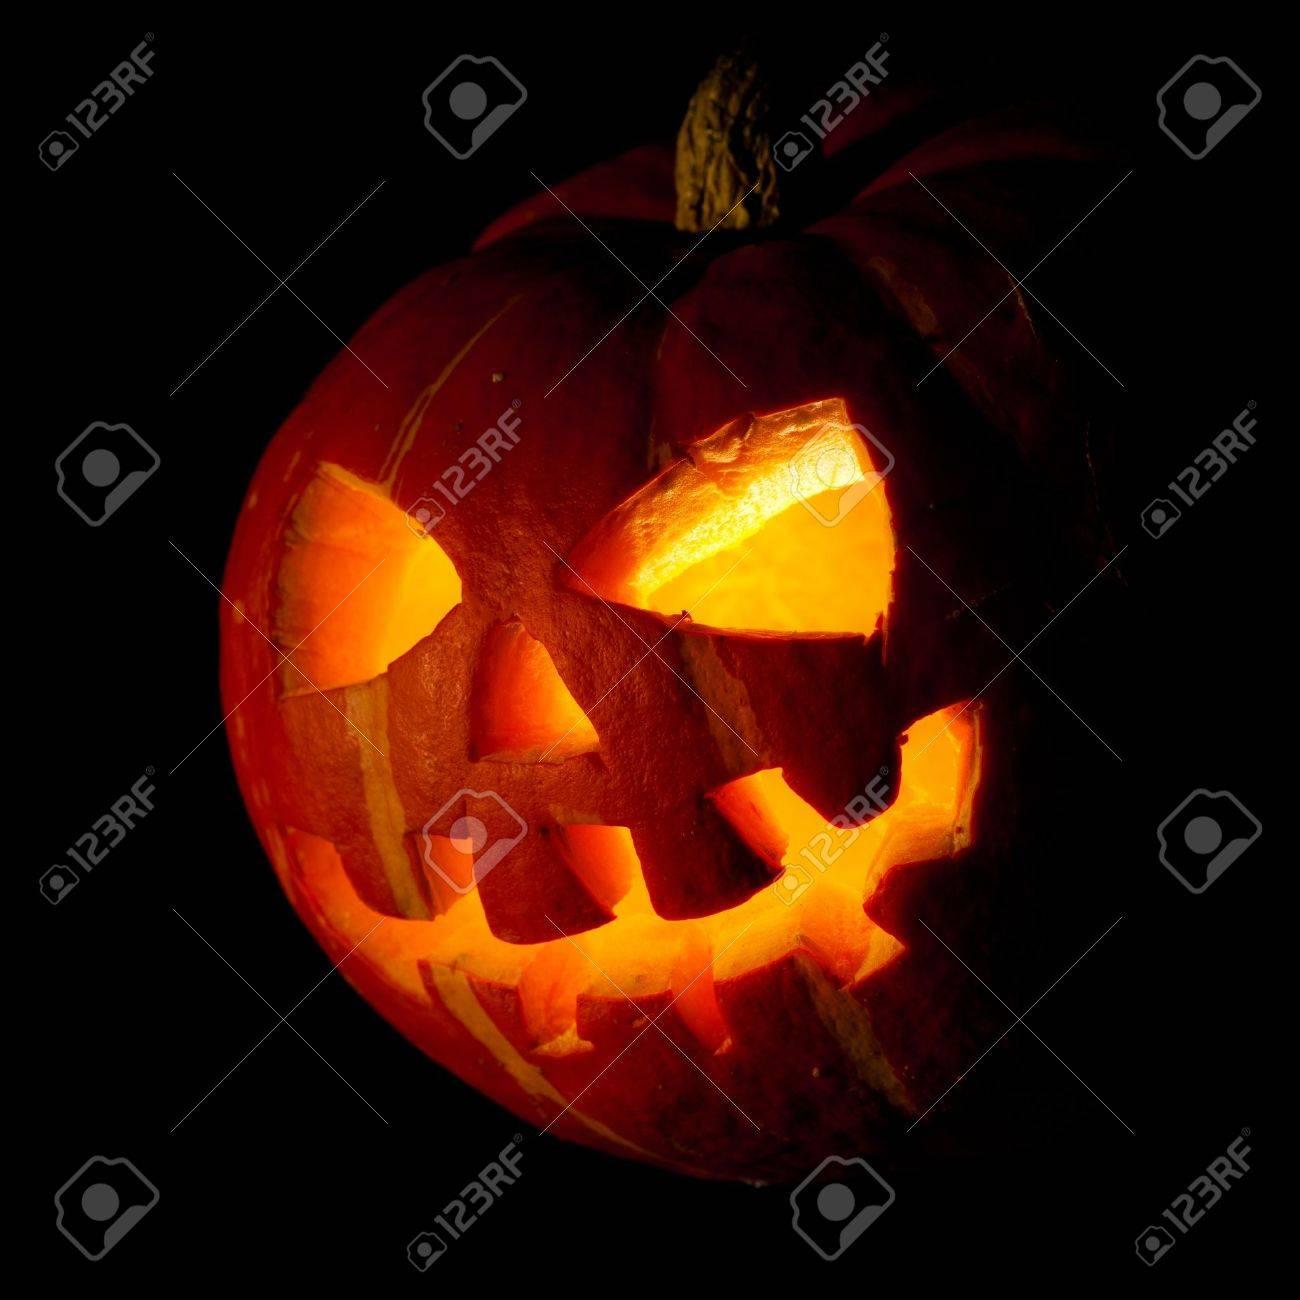 Scary old jack-o-lantern on black background. Stock Photo - 10763526